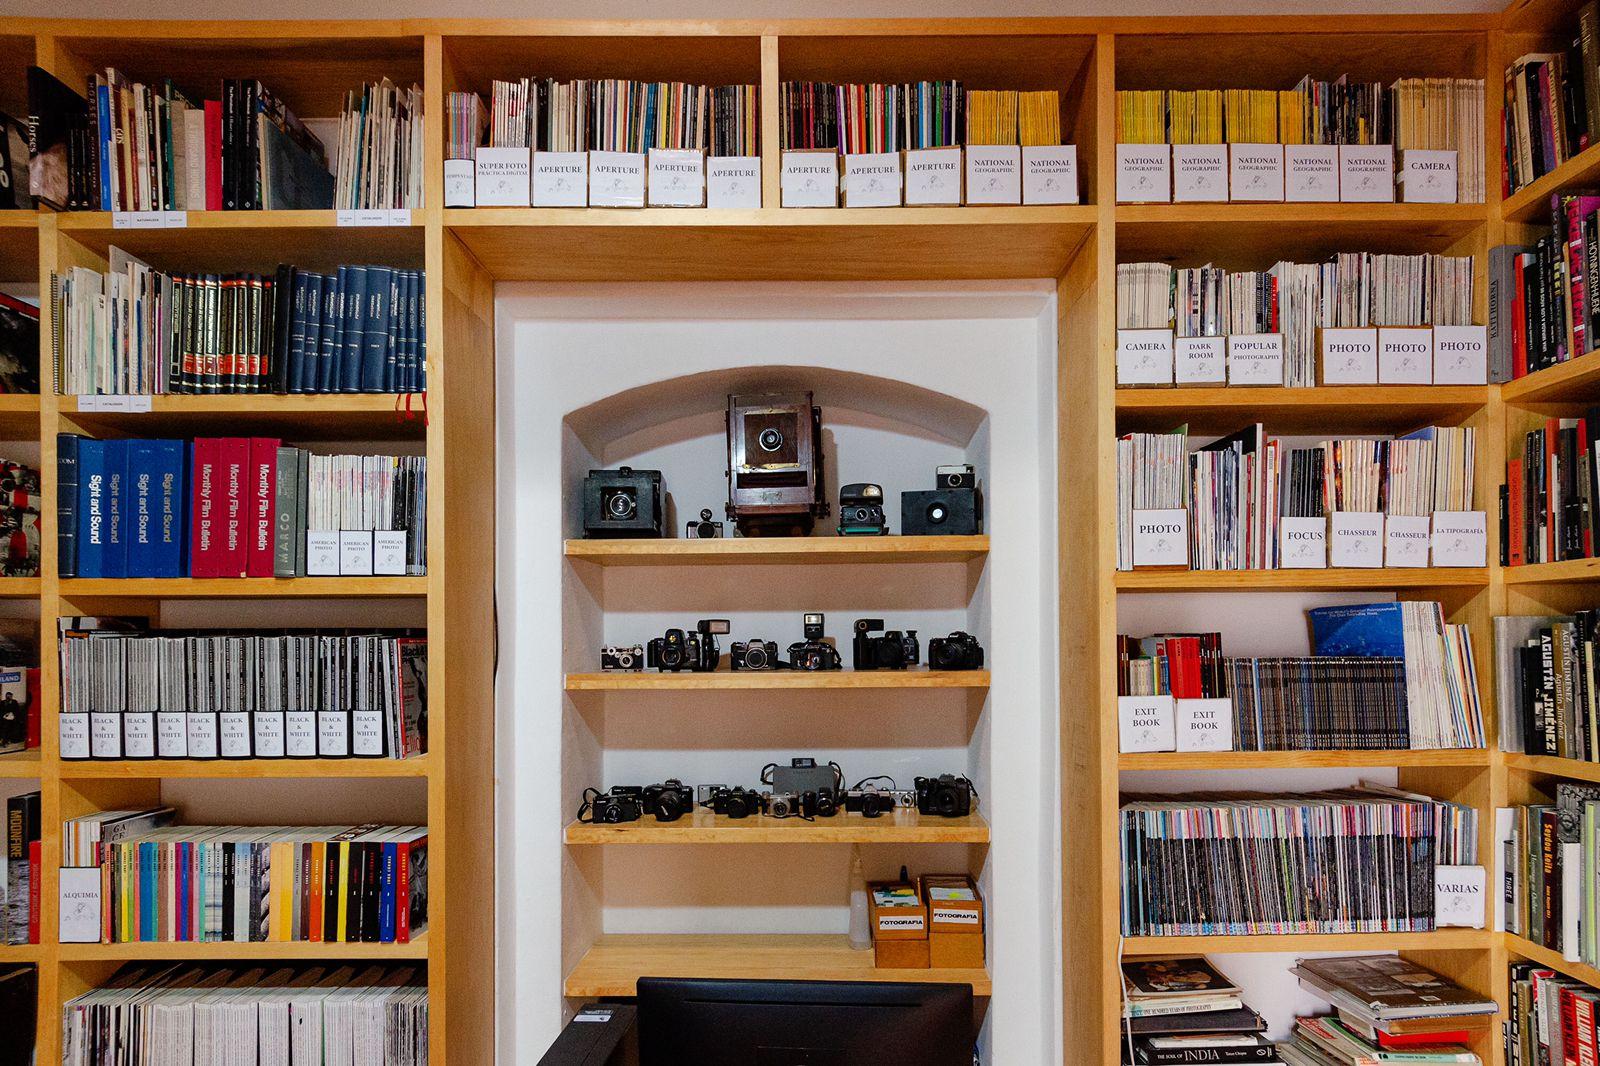 Biblioteca de Toledo, con 8 mil libros sobre foto, regresa al Centro Fotográfico Manuel Álvarez Bravo